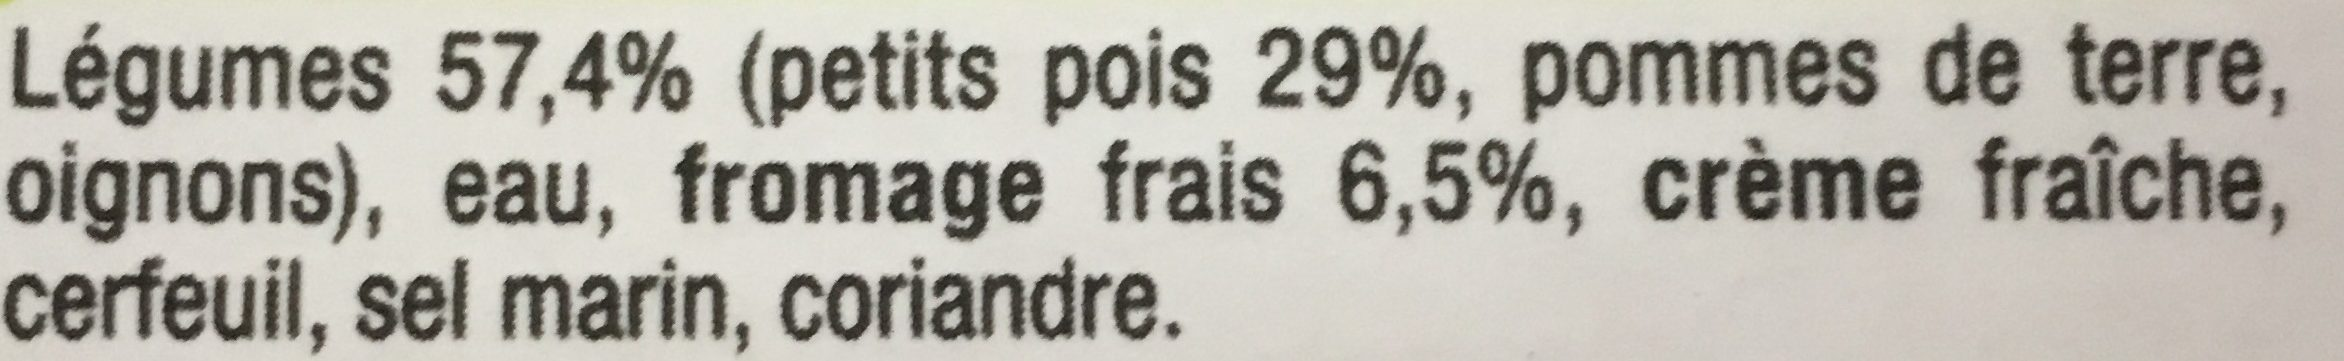 Soupe Petit Pois Fromage Frais - Ingrediënten